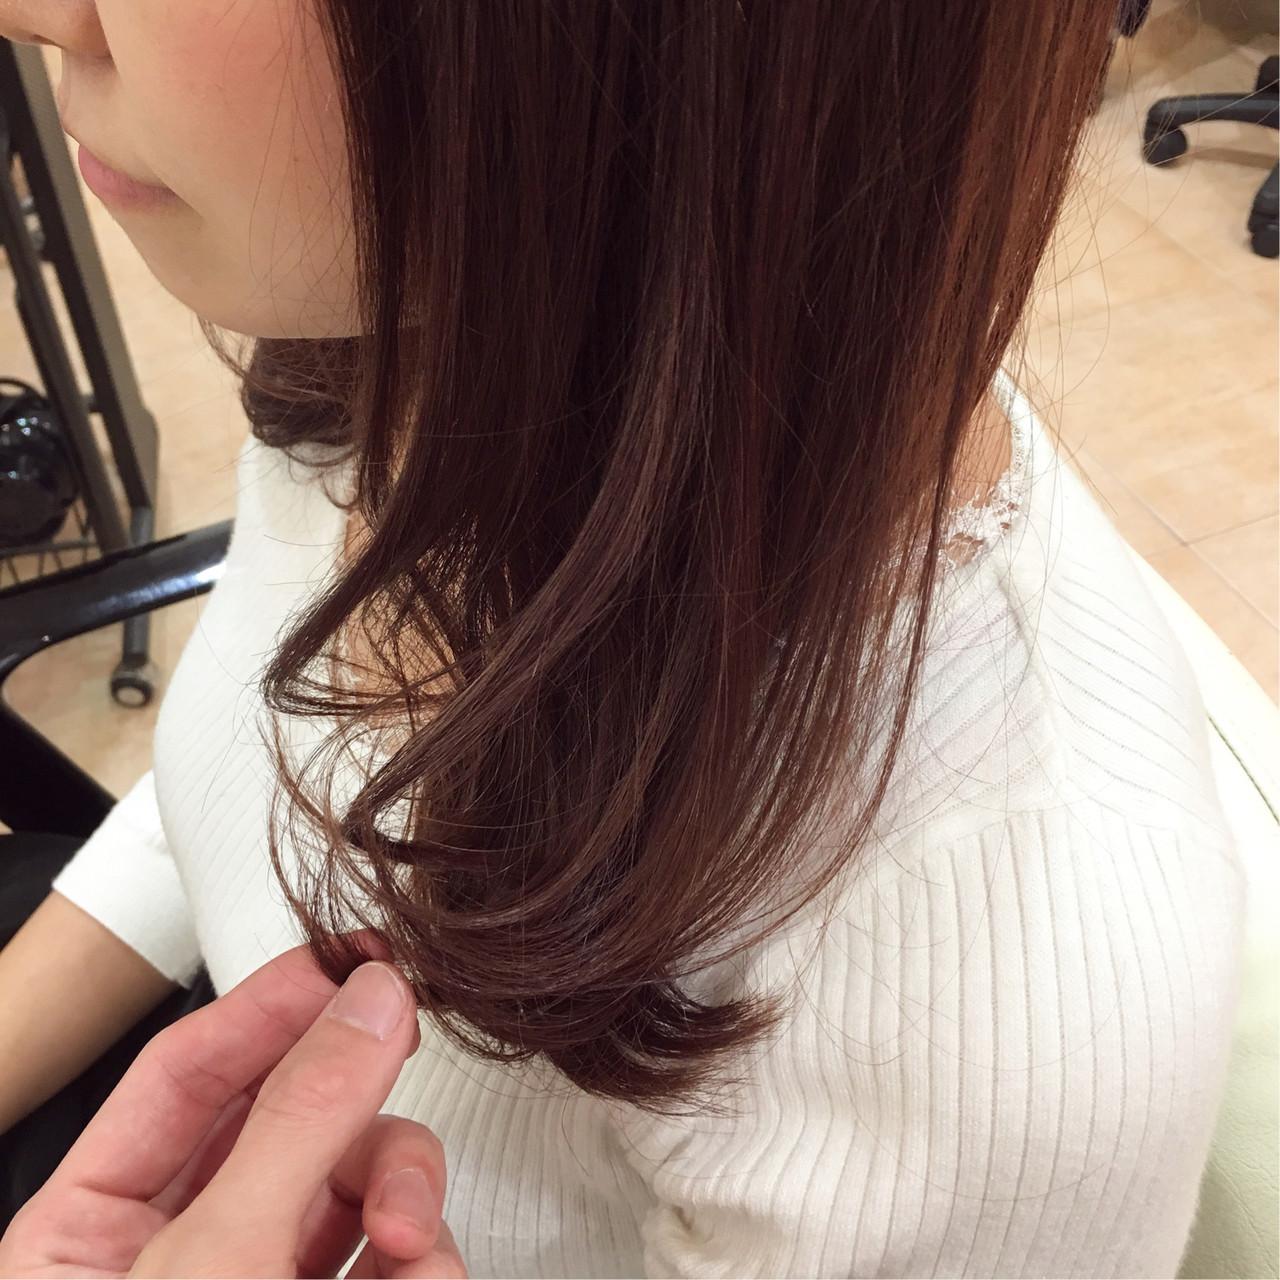 イルミナカラー フェミニン ピンク ラベンダーピンク ヘアスタイルや髪型の写真・画像